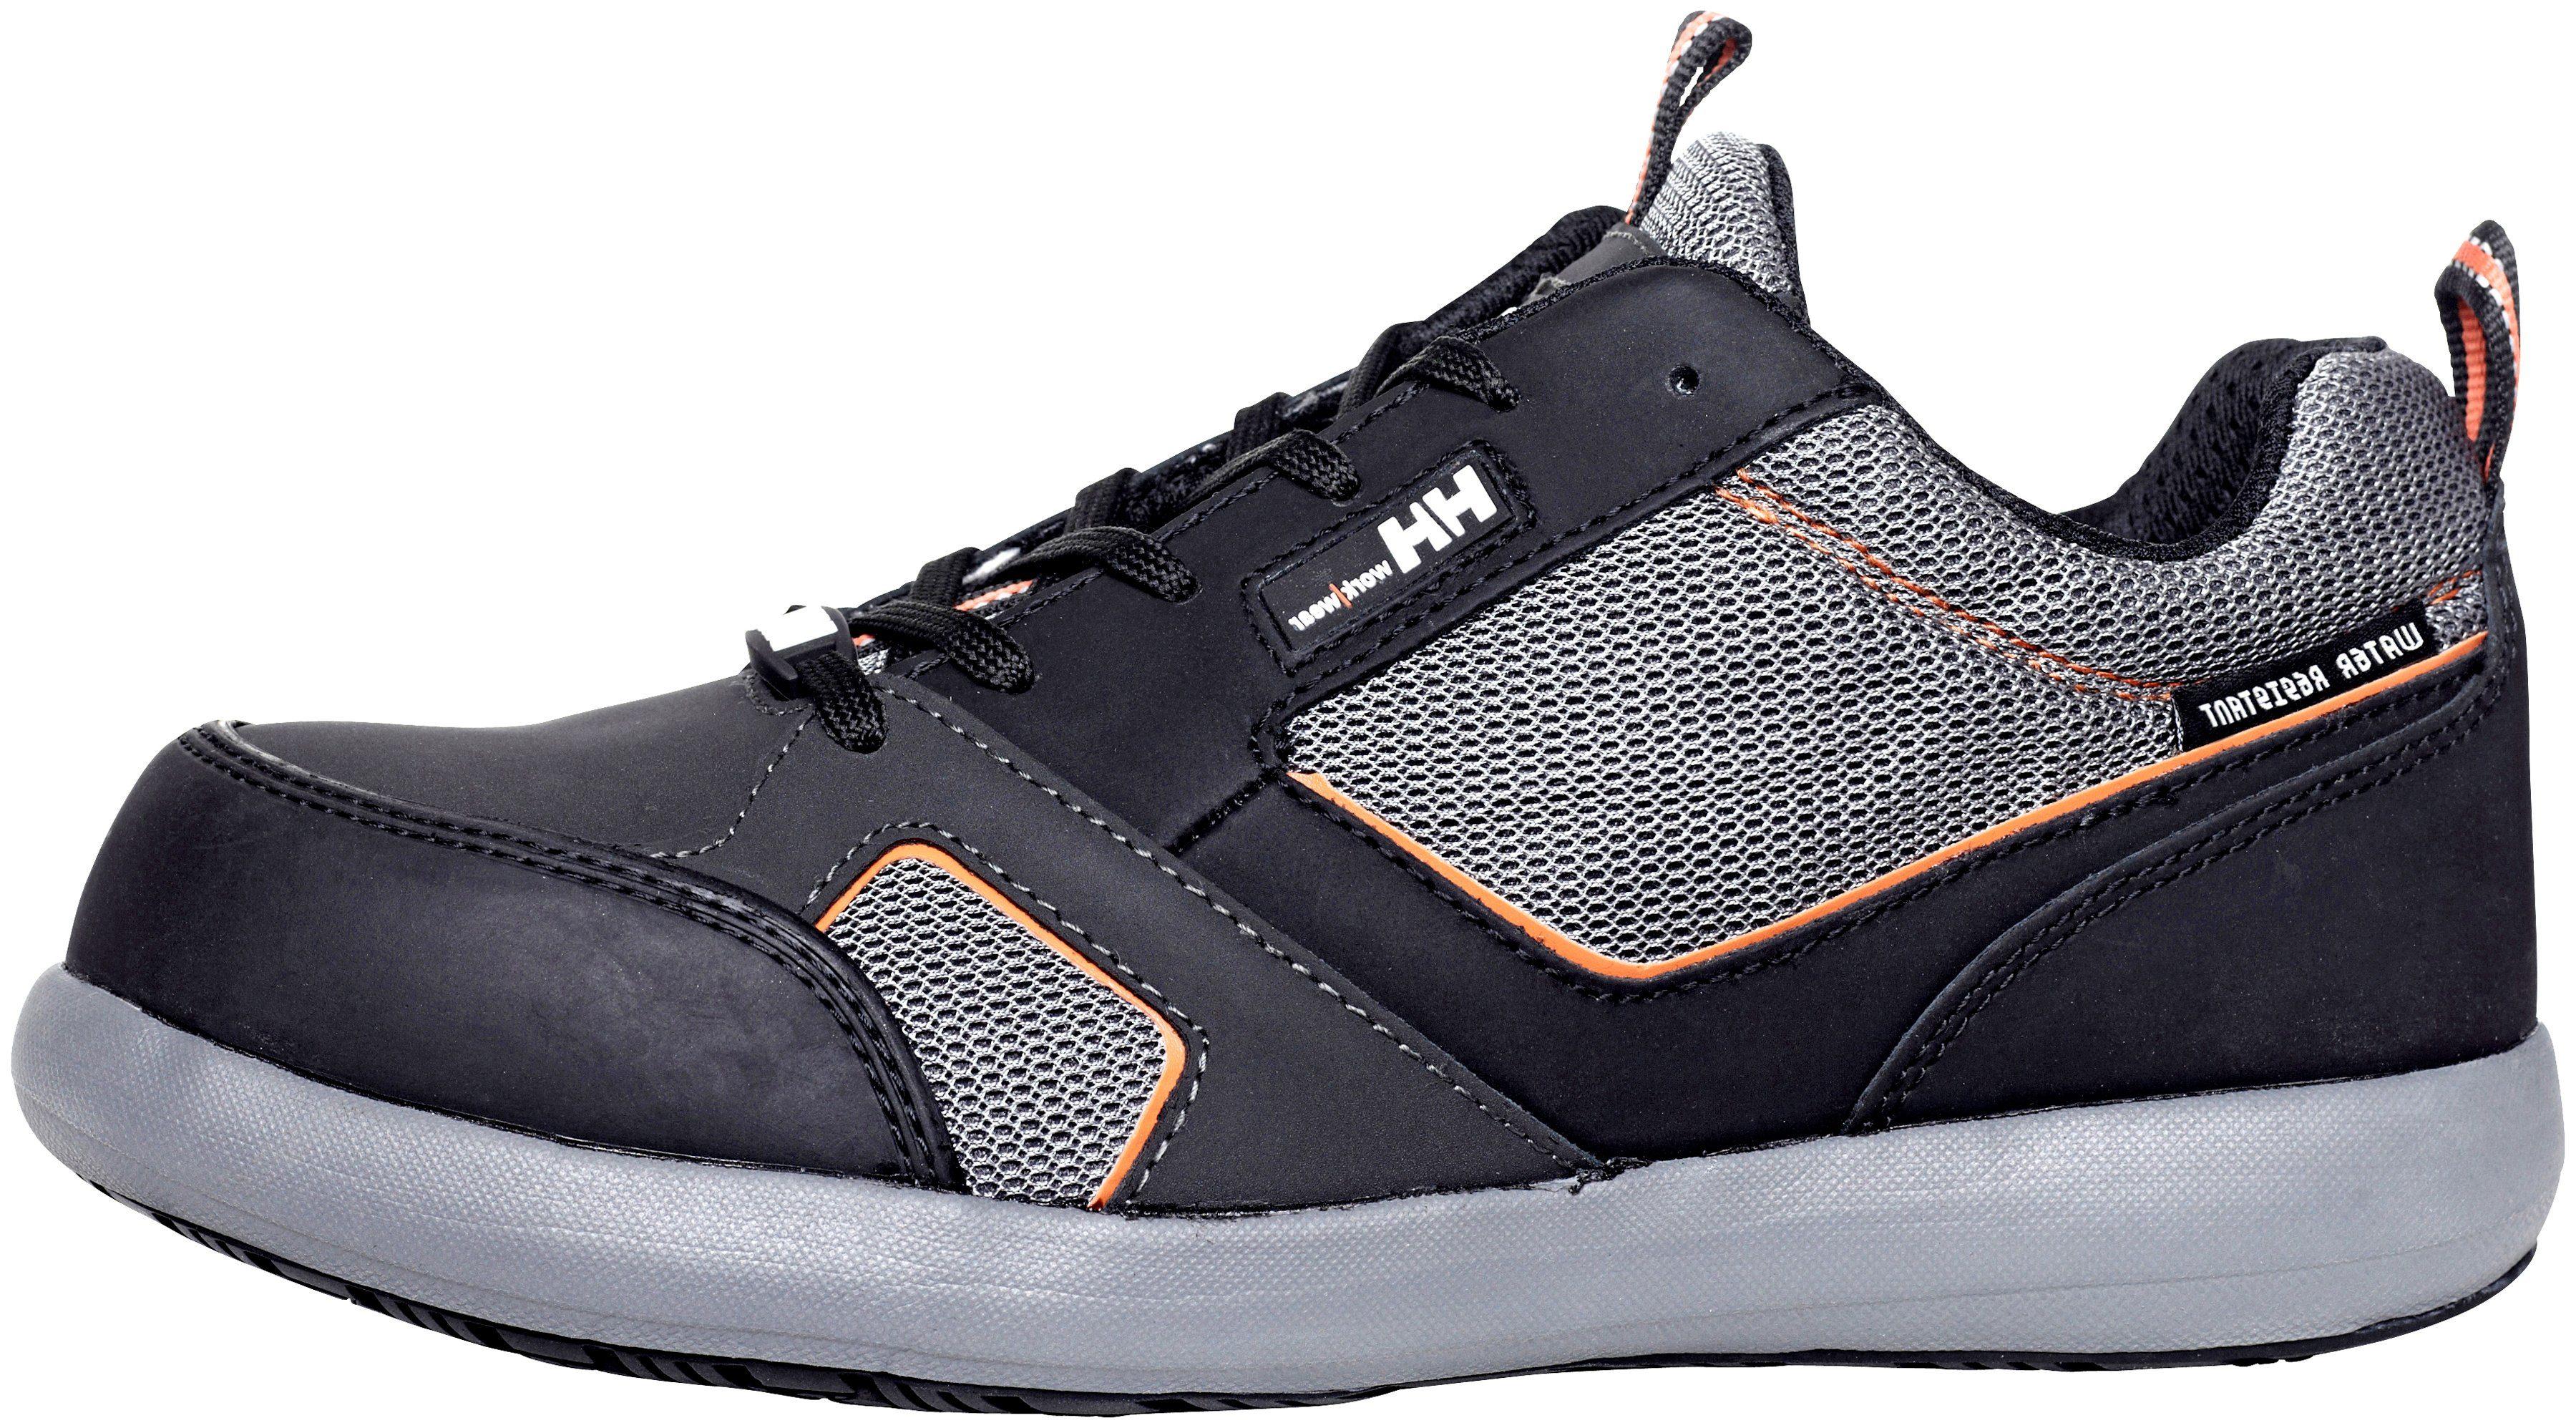 Helly Hansen Workwear Sicherheitsschuh Holmen WW S3 SRC online kaufen  orange#ft5_slash#grau#ft5_slash#schwarz